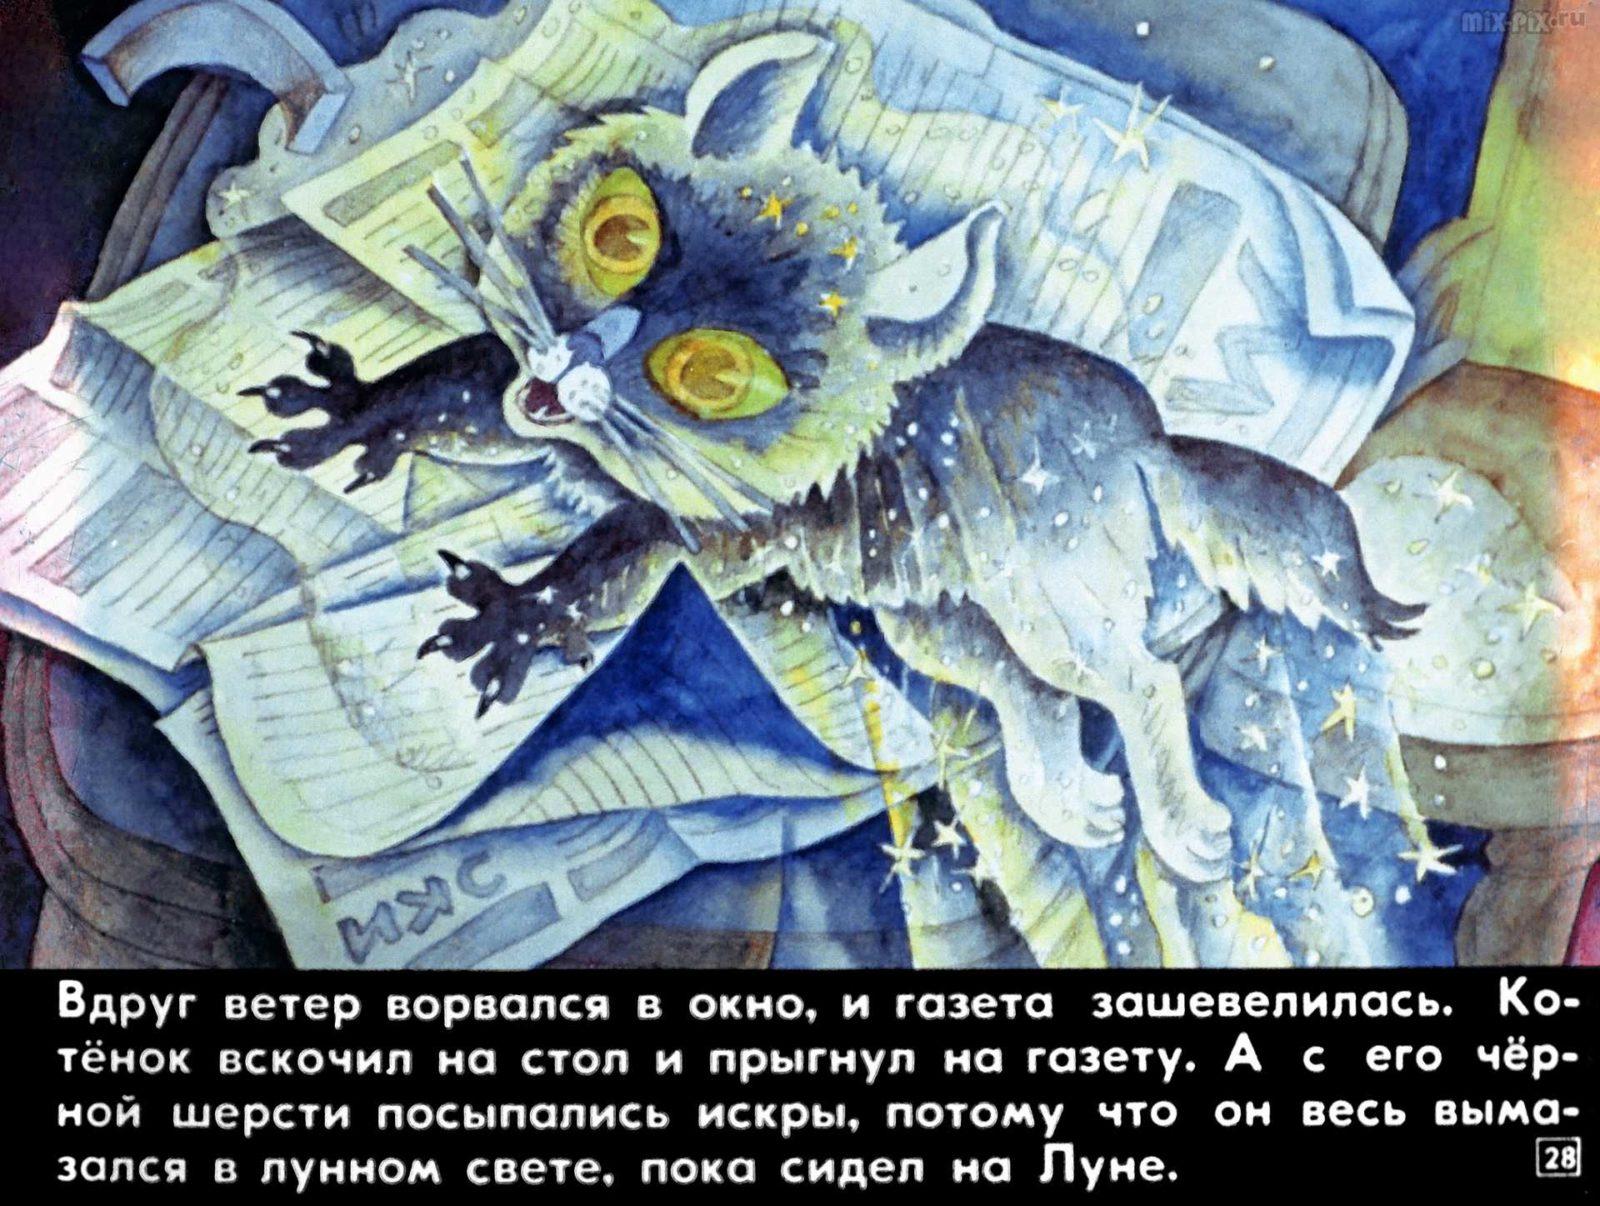 Сказка про лунный свет (1991) 43